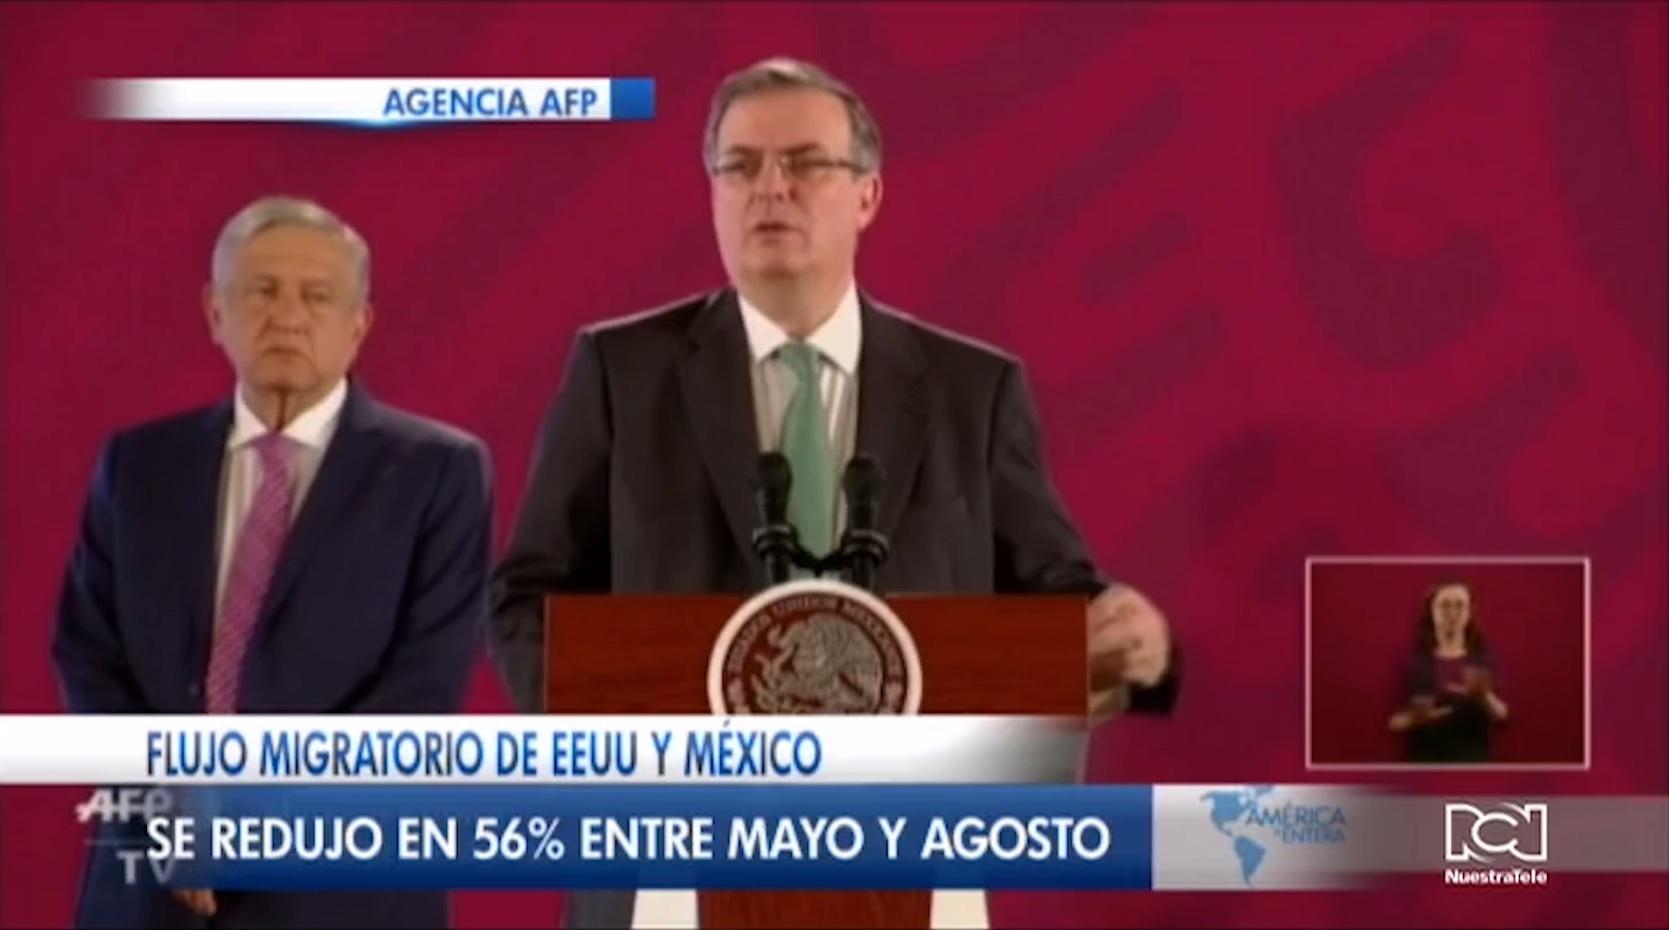 México redujo el 56% del flujo migratorio irregular hacia Estados Unidos